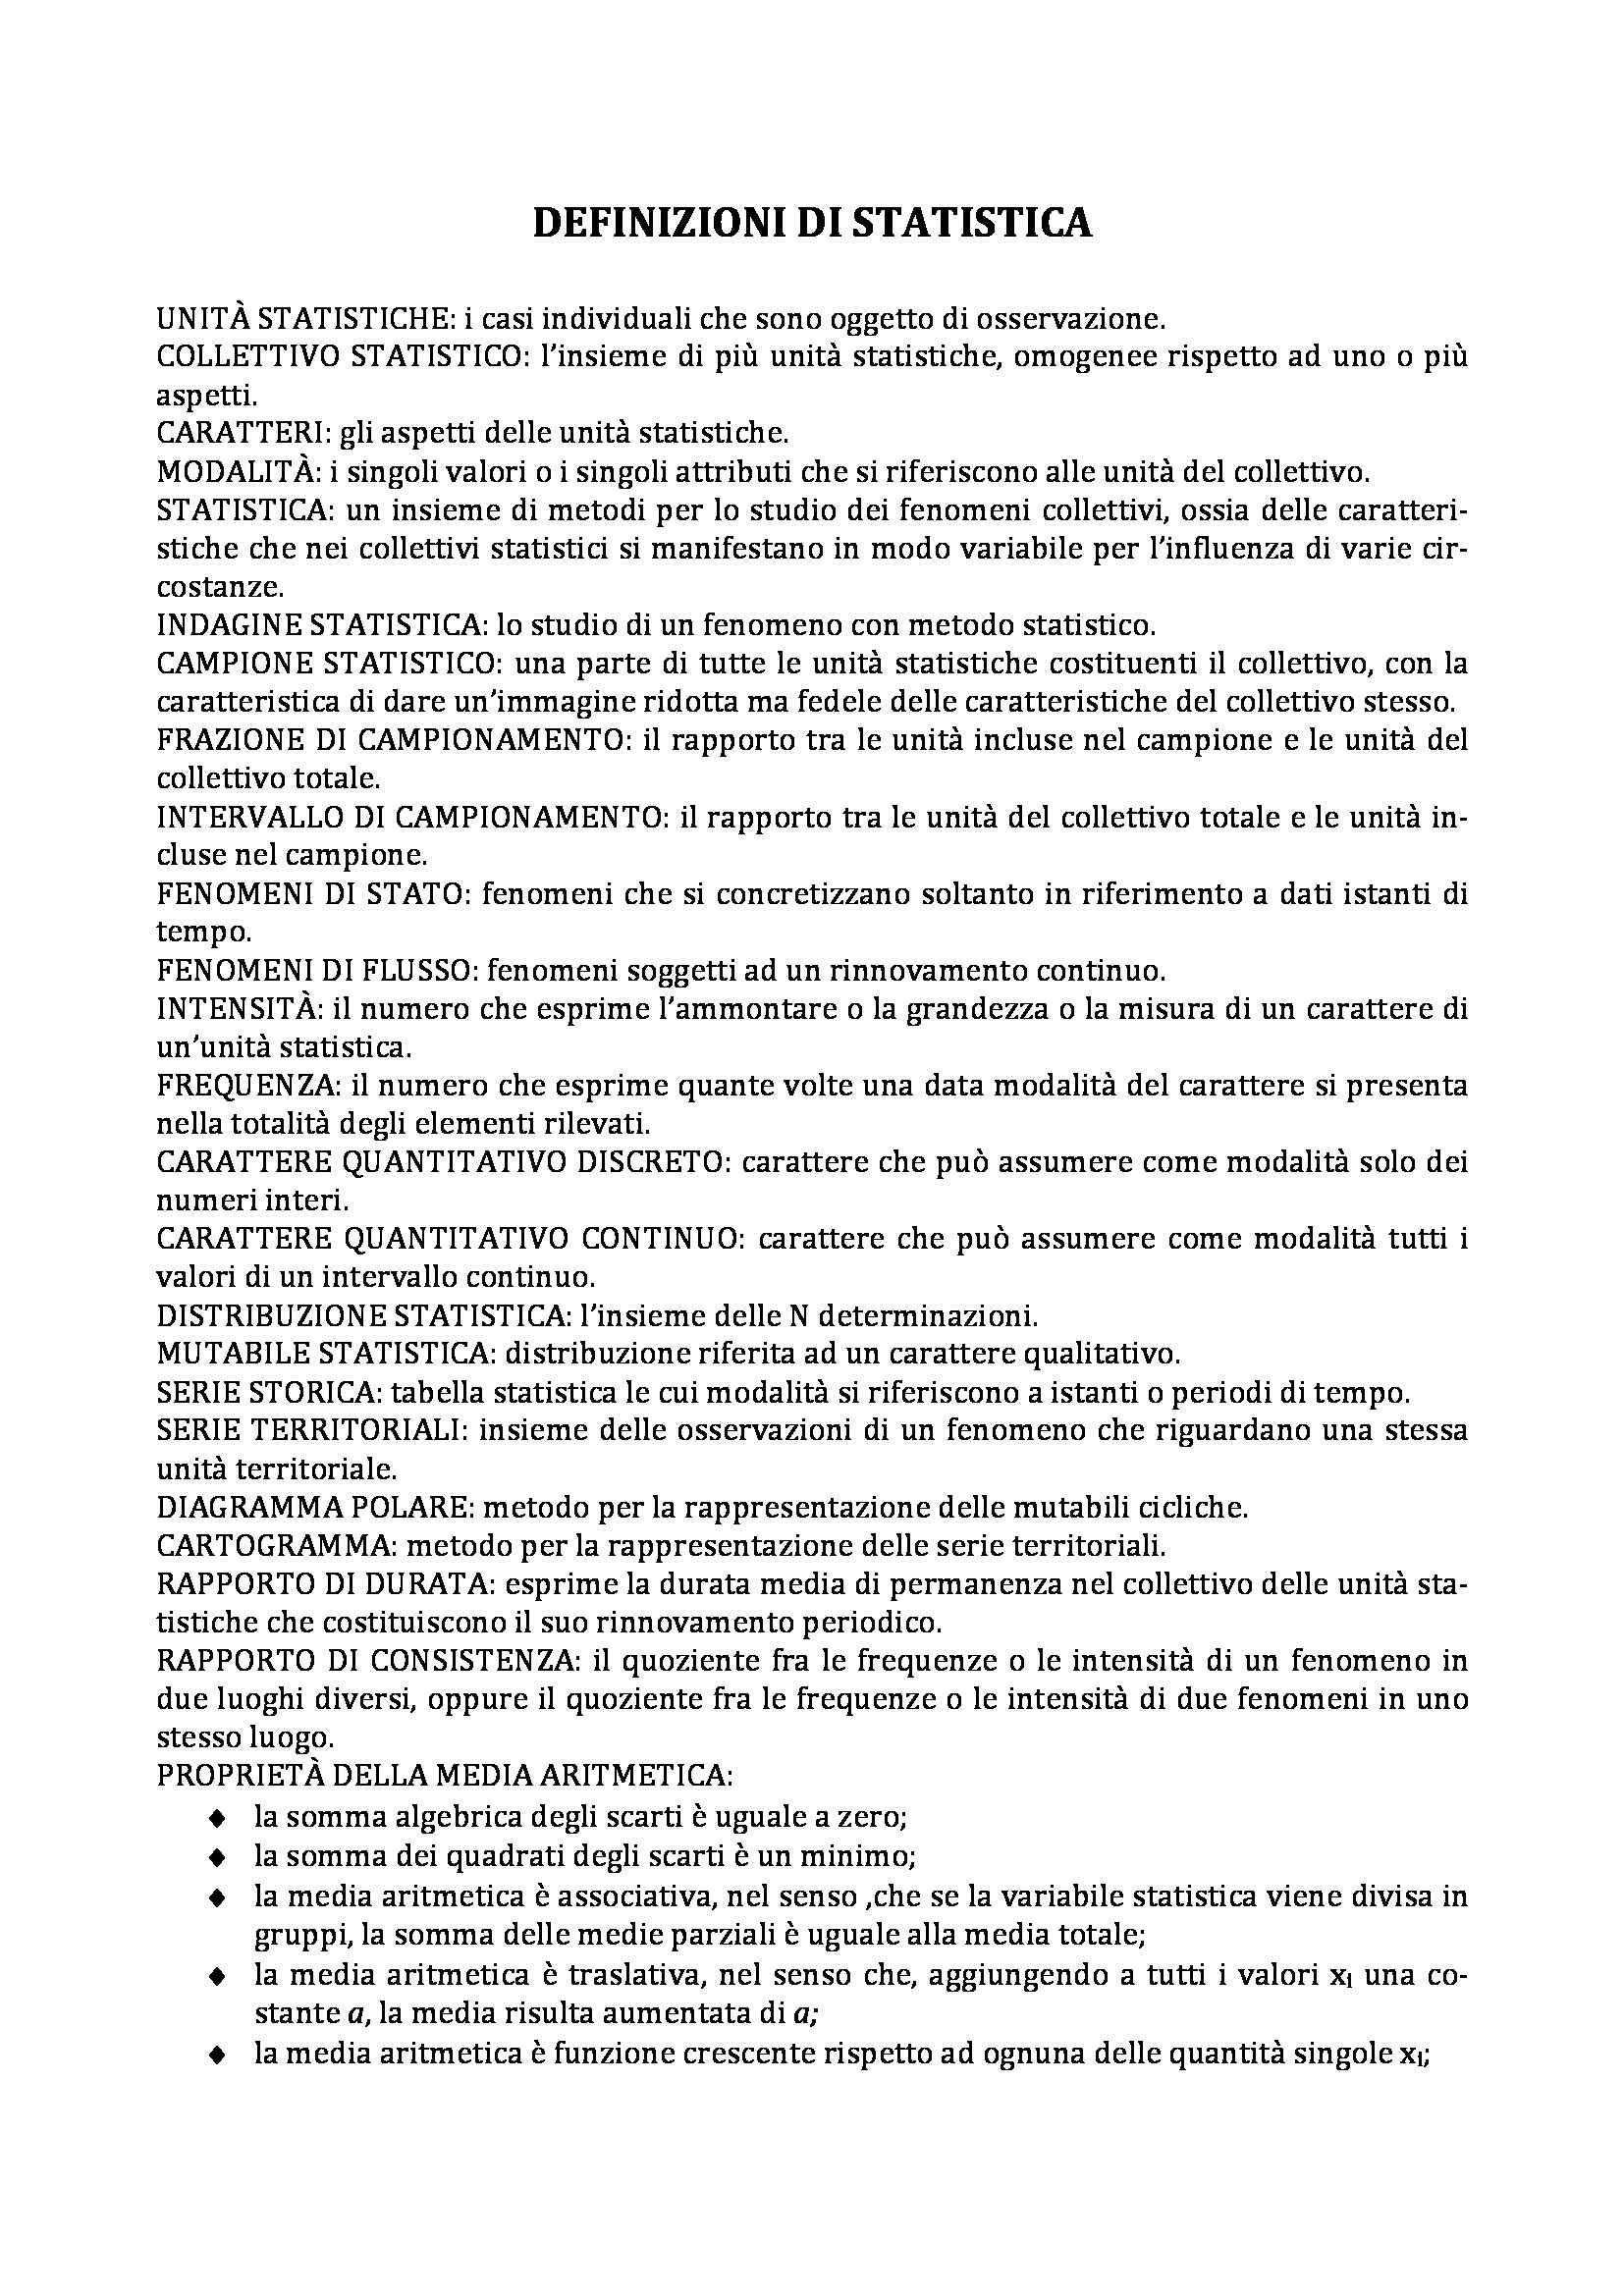 Lezioni di statistica, Girone, Salvemini - Definizioni